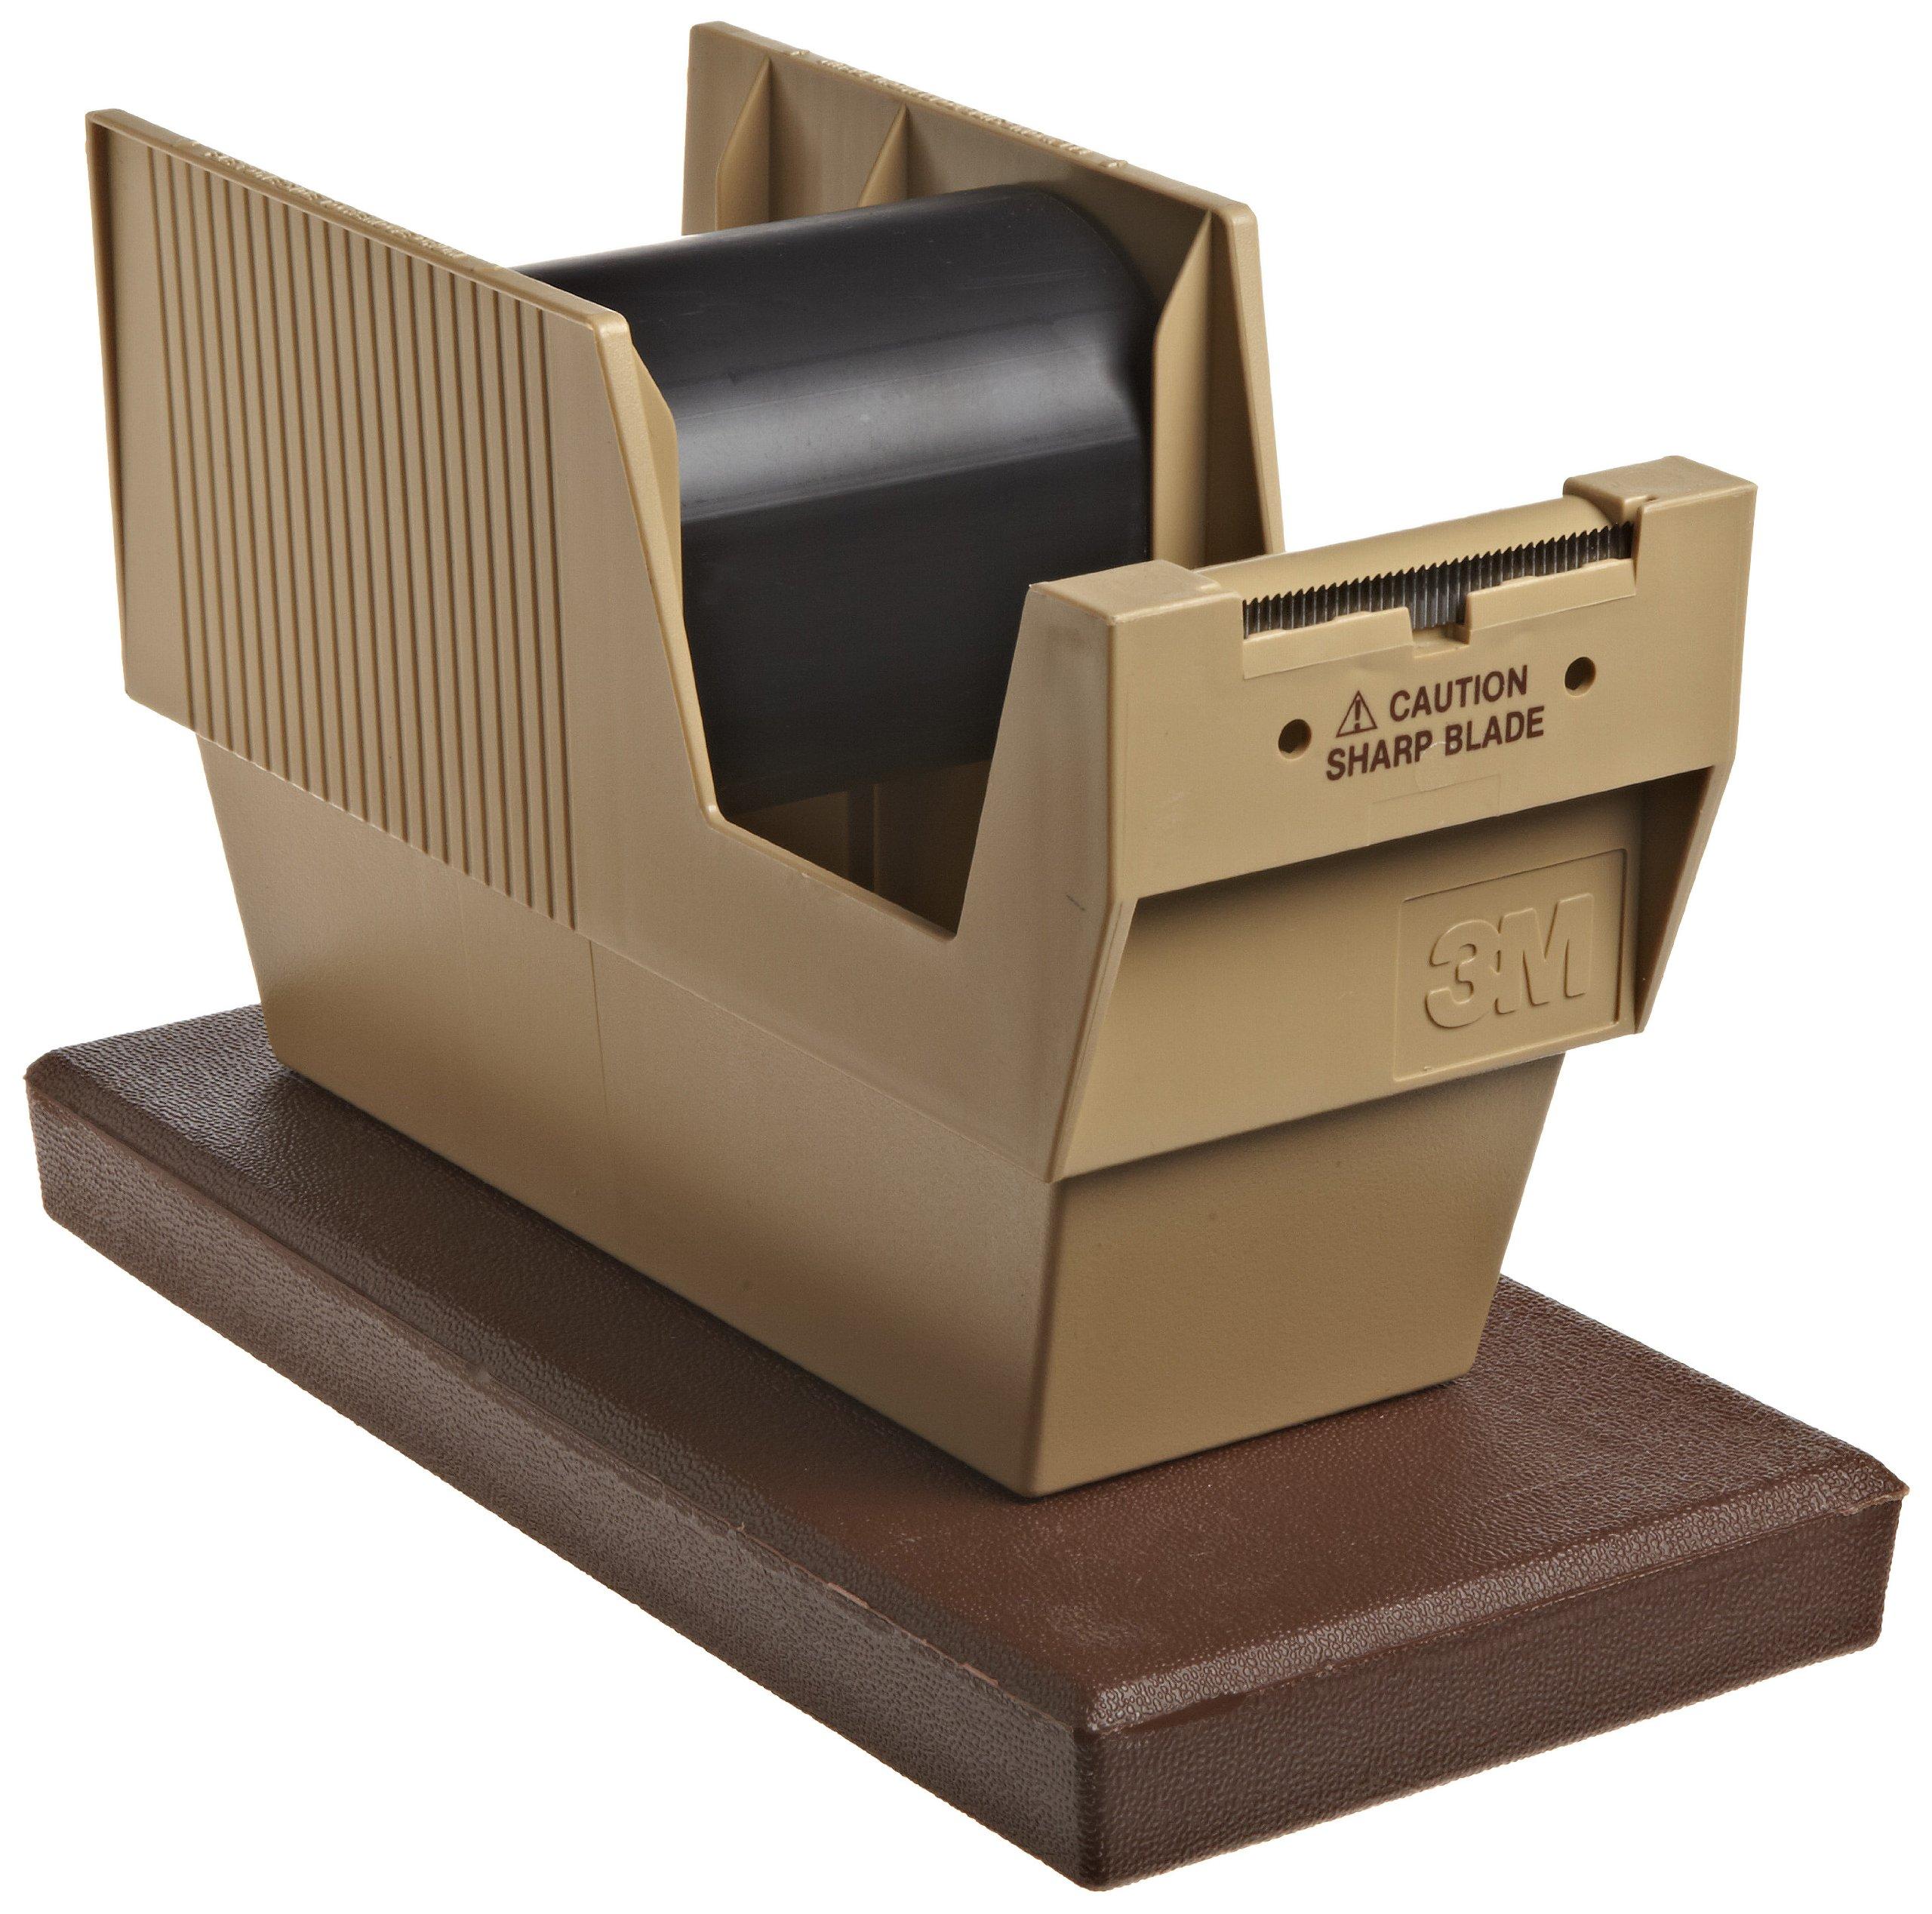 Scotch Mainline Dispenser P52W, 2 in, 1 per case by Scotch